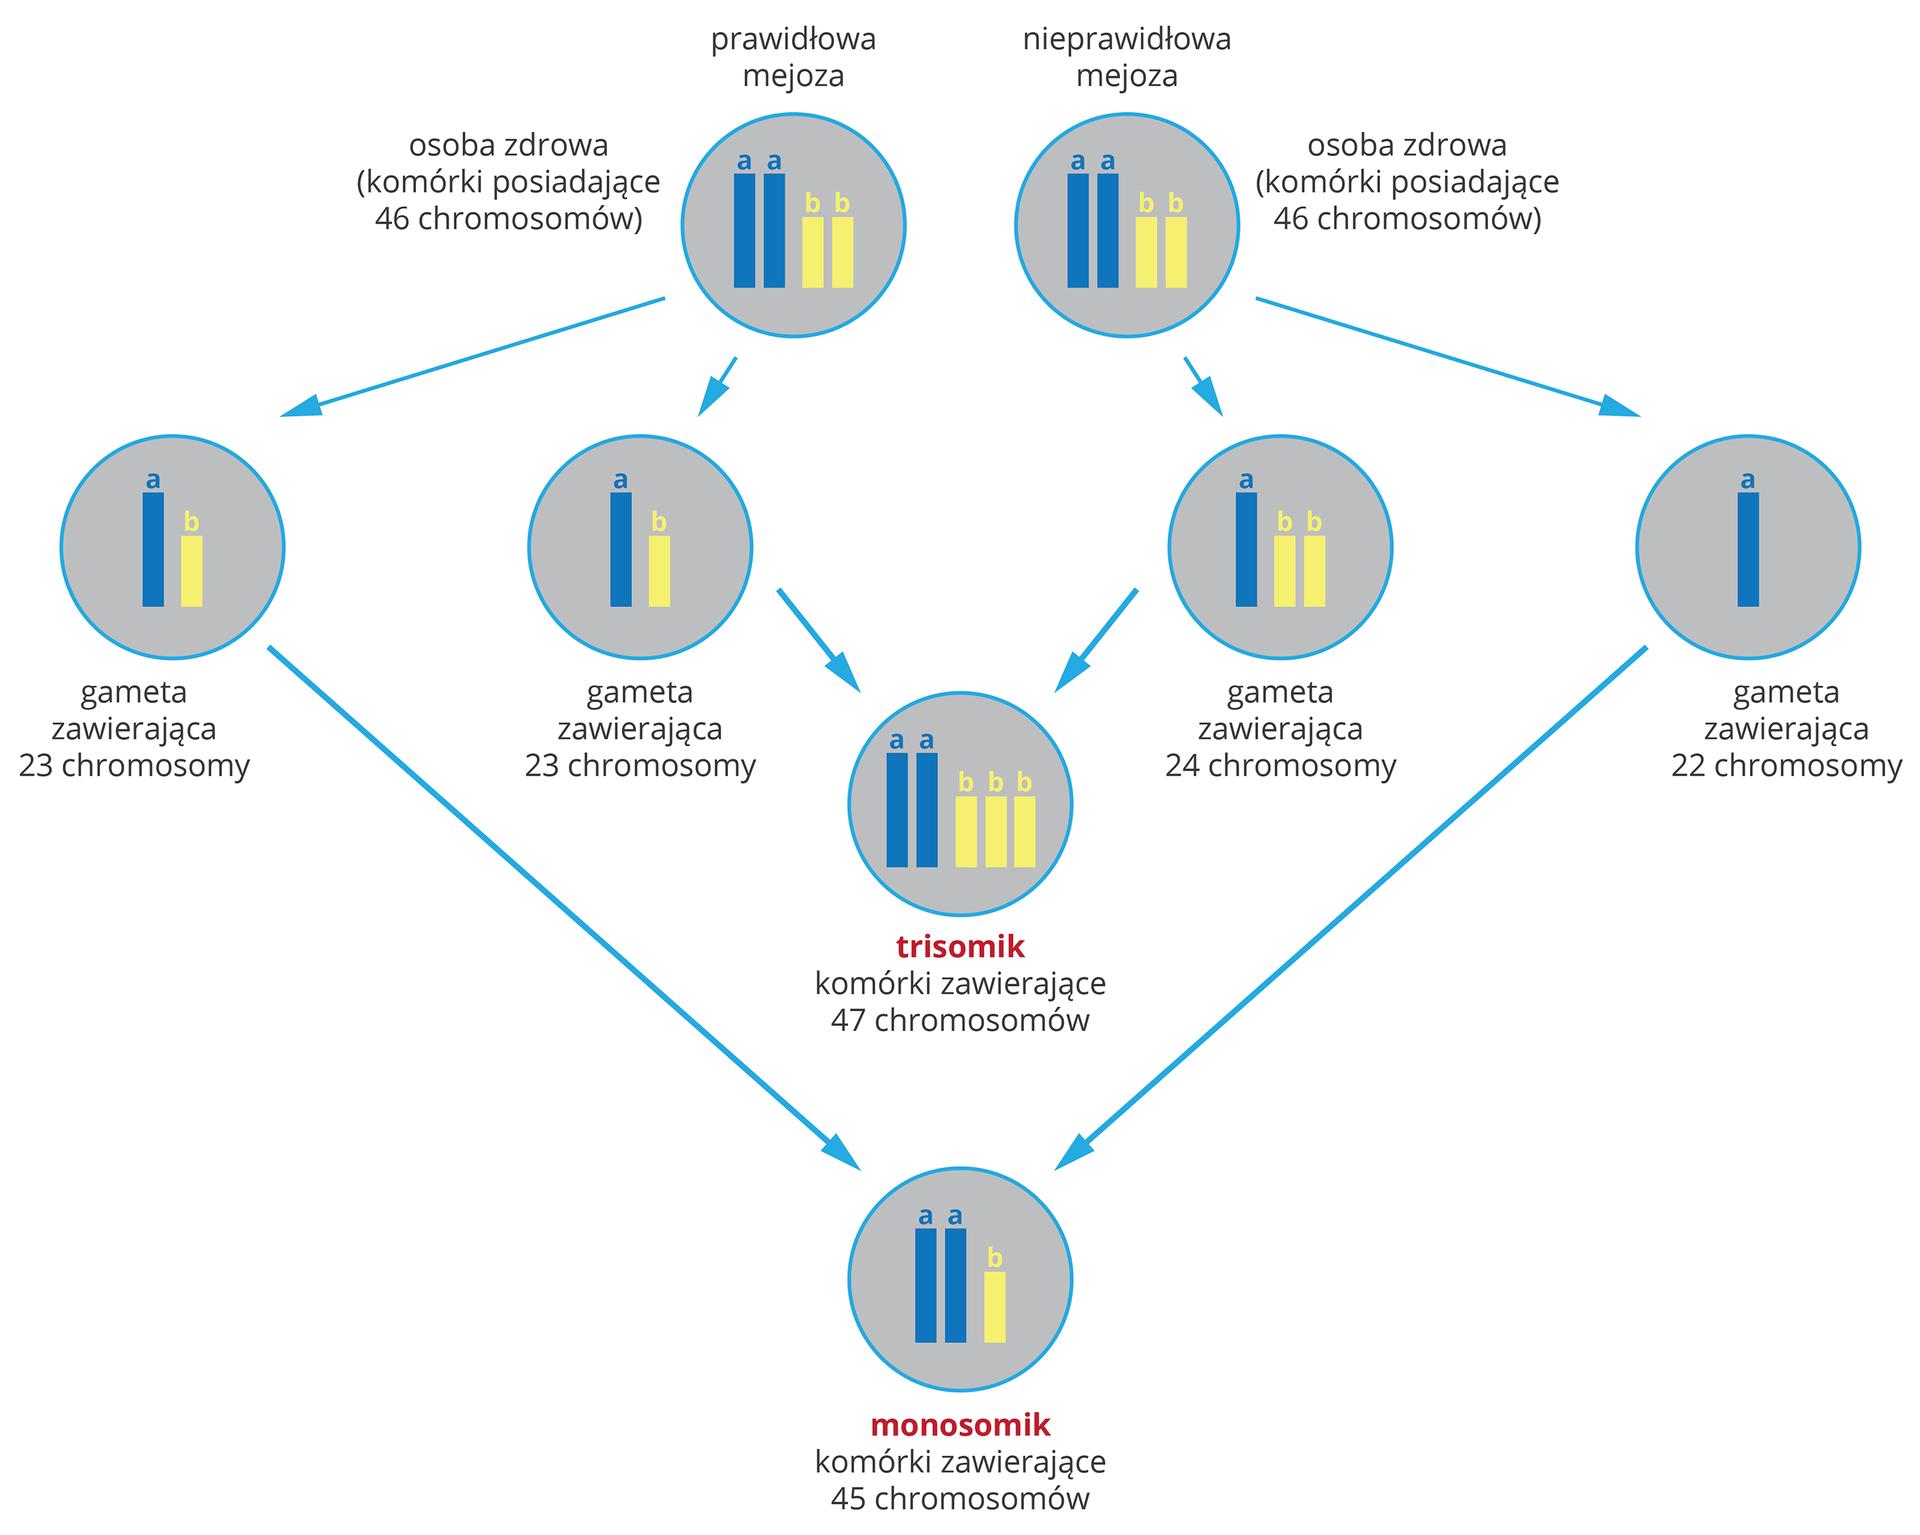 Ilustracja przestawia schemat powstawania mutacjichromosomowych wformie szarych kół zniebieskimi iżółtymi chromosomami. Ugóry dwie takie same komórki, 46 chromosomów. Ta zlewej przechodzi prawidłowy podział mejotyczny ijej gamety mają po 23 chromosomy. Ta zprawej ma nieprawidłowa mejozę. Jedna gameta ma 24, druga 22 chromosomy. Wwyniku połączenia gamet prawidłowych znieprawidłowymi otrzymamy dwie mutacje chromosomowe. Trisomik ma 47 chromosomów wkomórkach ciała. Monosomik ma 45 chromosomów wkomórkach ciała.